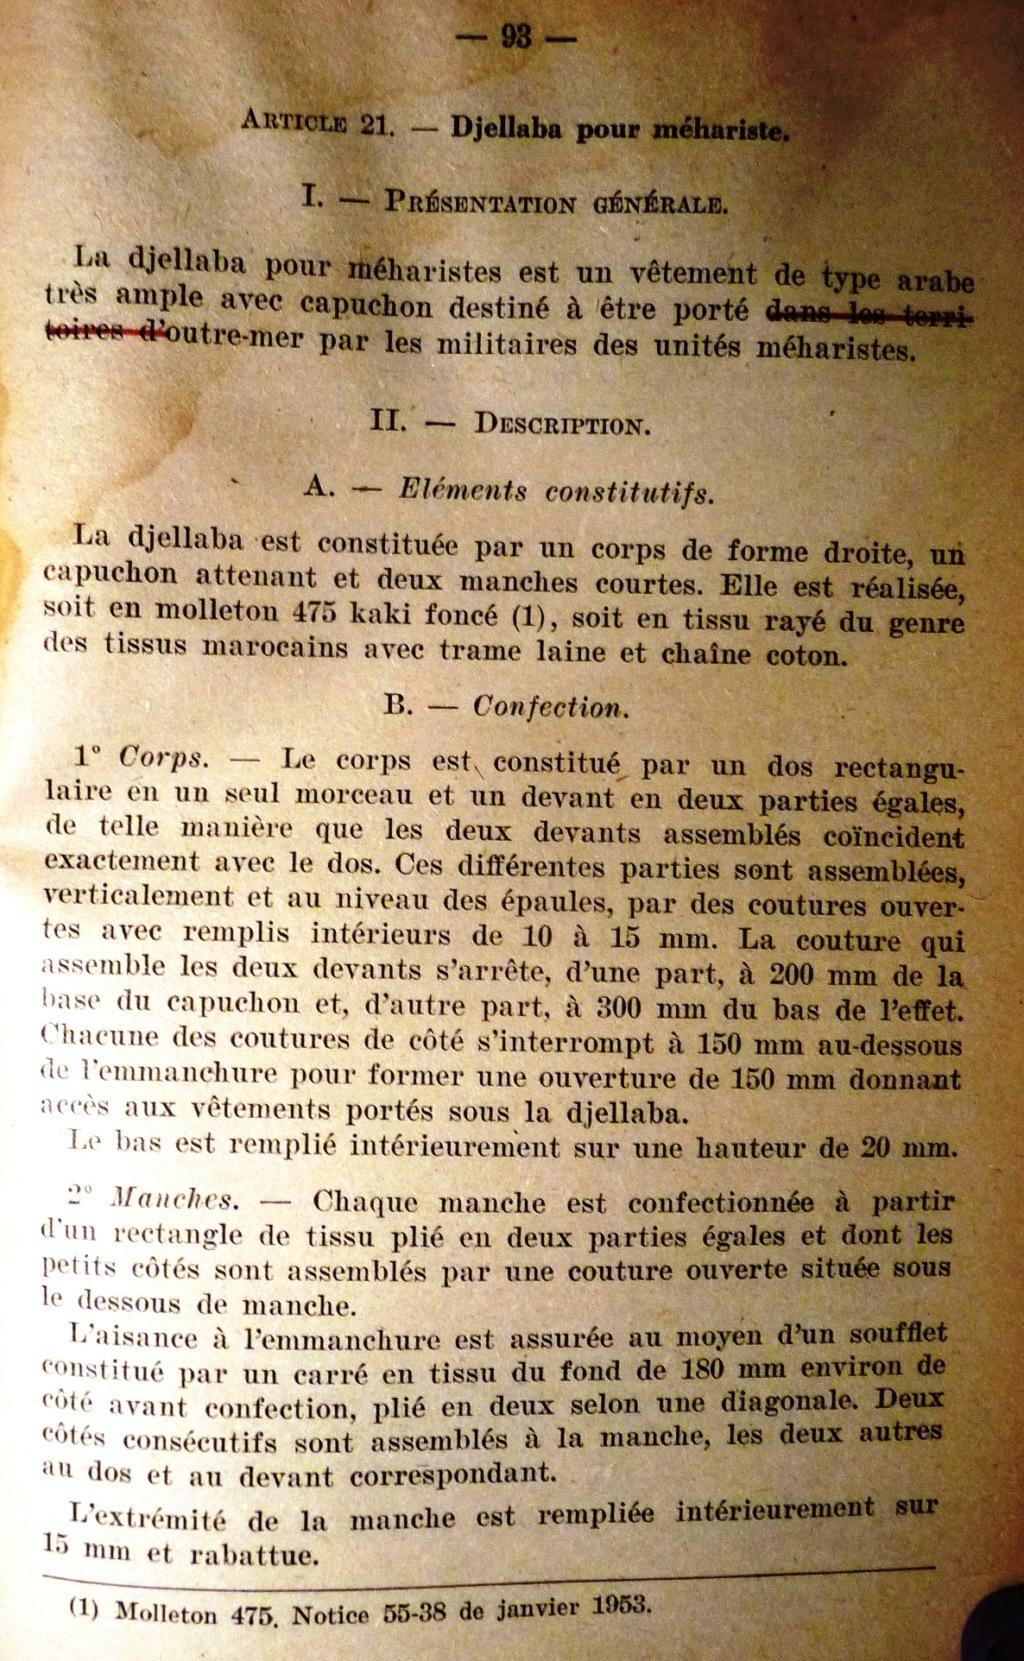 """Recherche """"instructions relatives aux tenues et uniformes"""" de 1958 00211"""